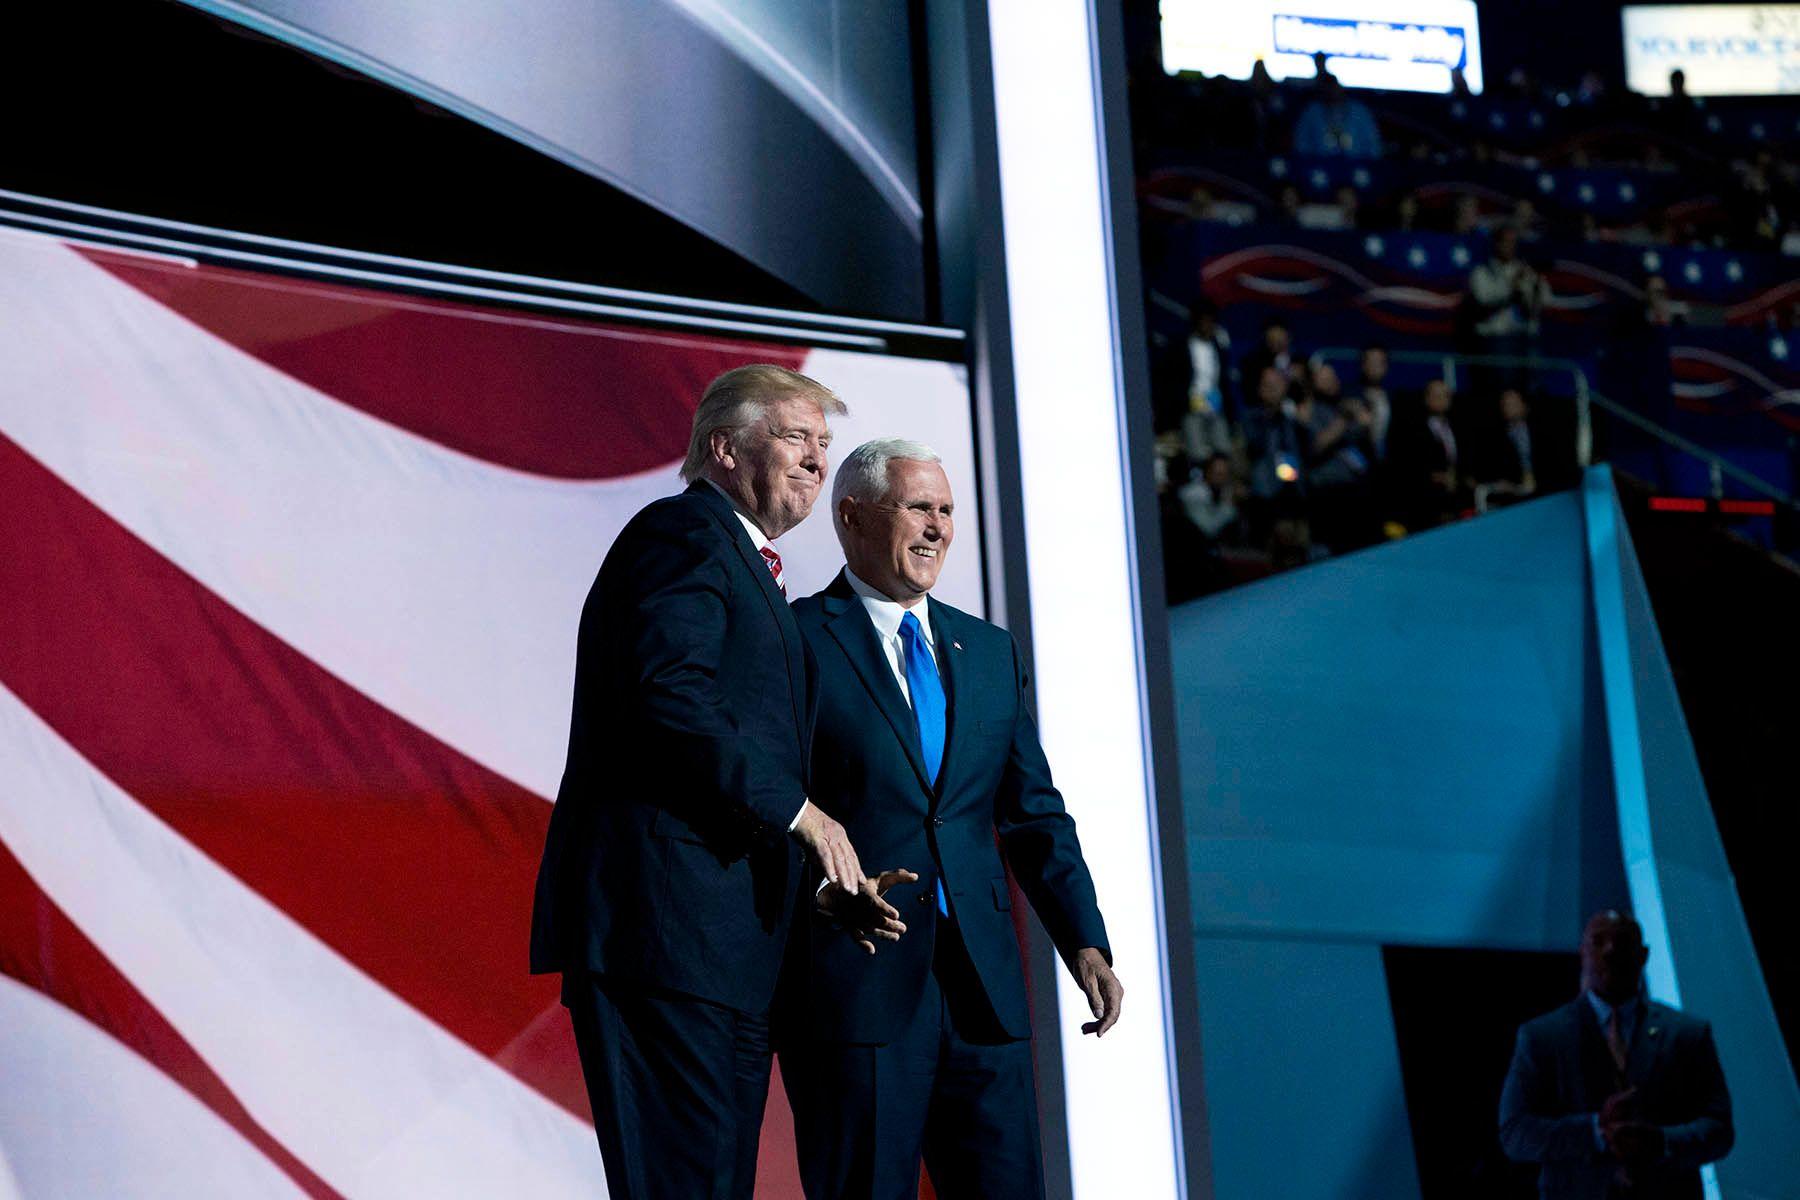 TOSPANNET: Visepresidentkandidat Mike Pence holdt sin tale for landsmøtet i natt. Etterpå fikk han besøk av Donald Trump på scenen.